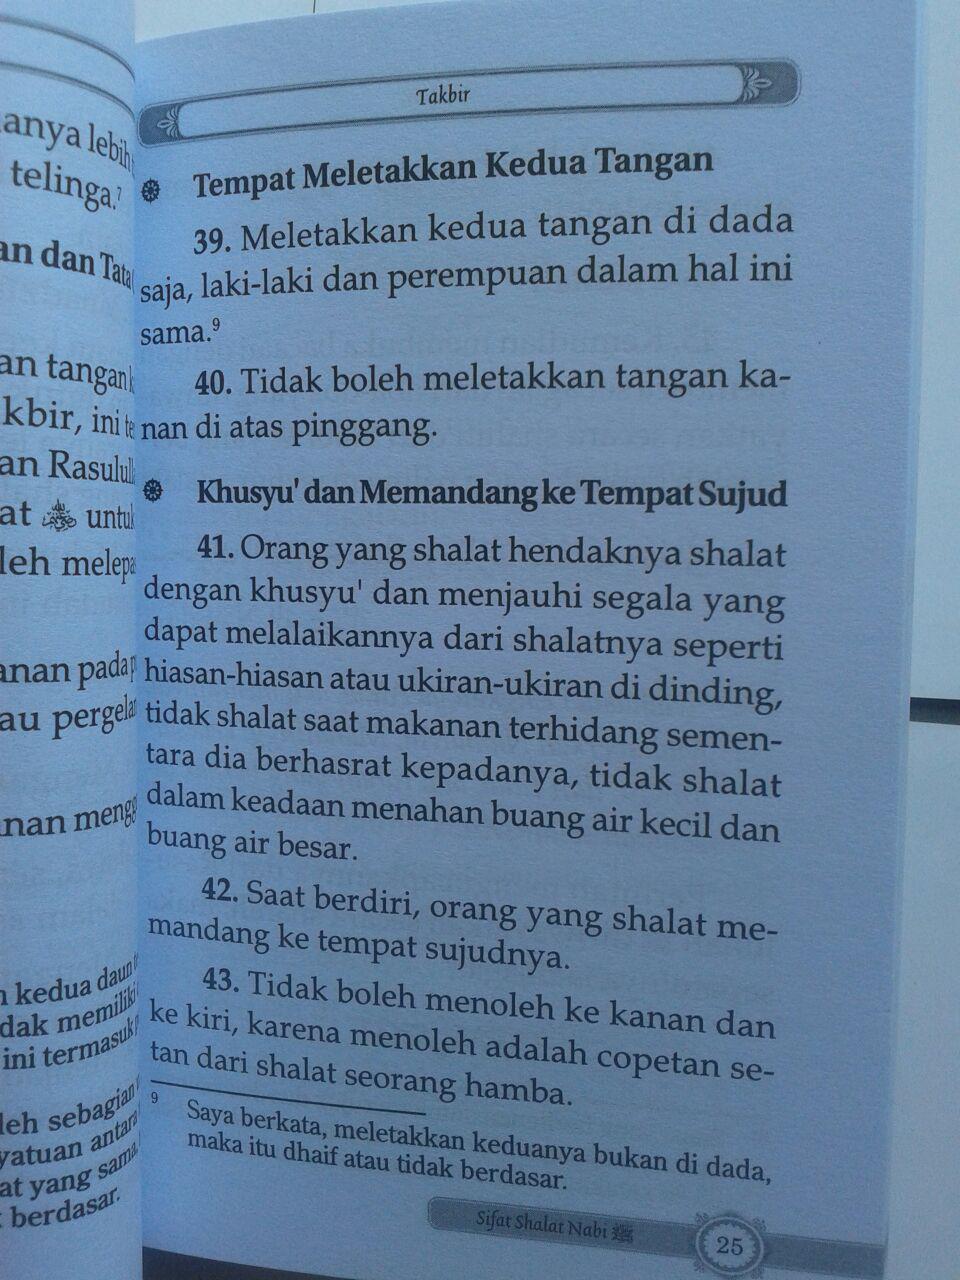 Buku Saku Praktis Sifat Shalat Nabi isi